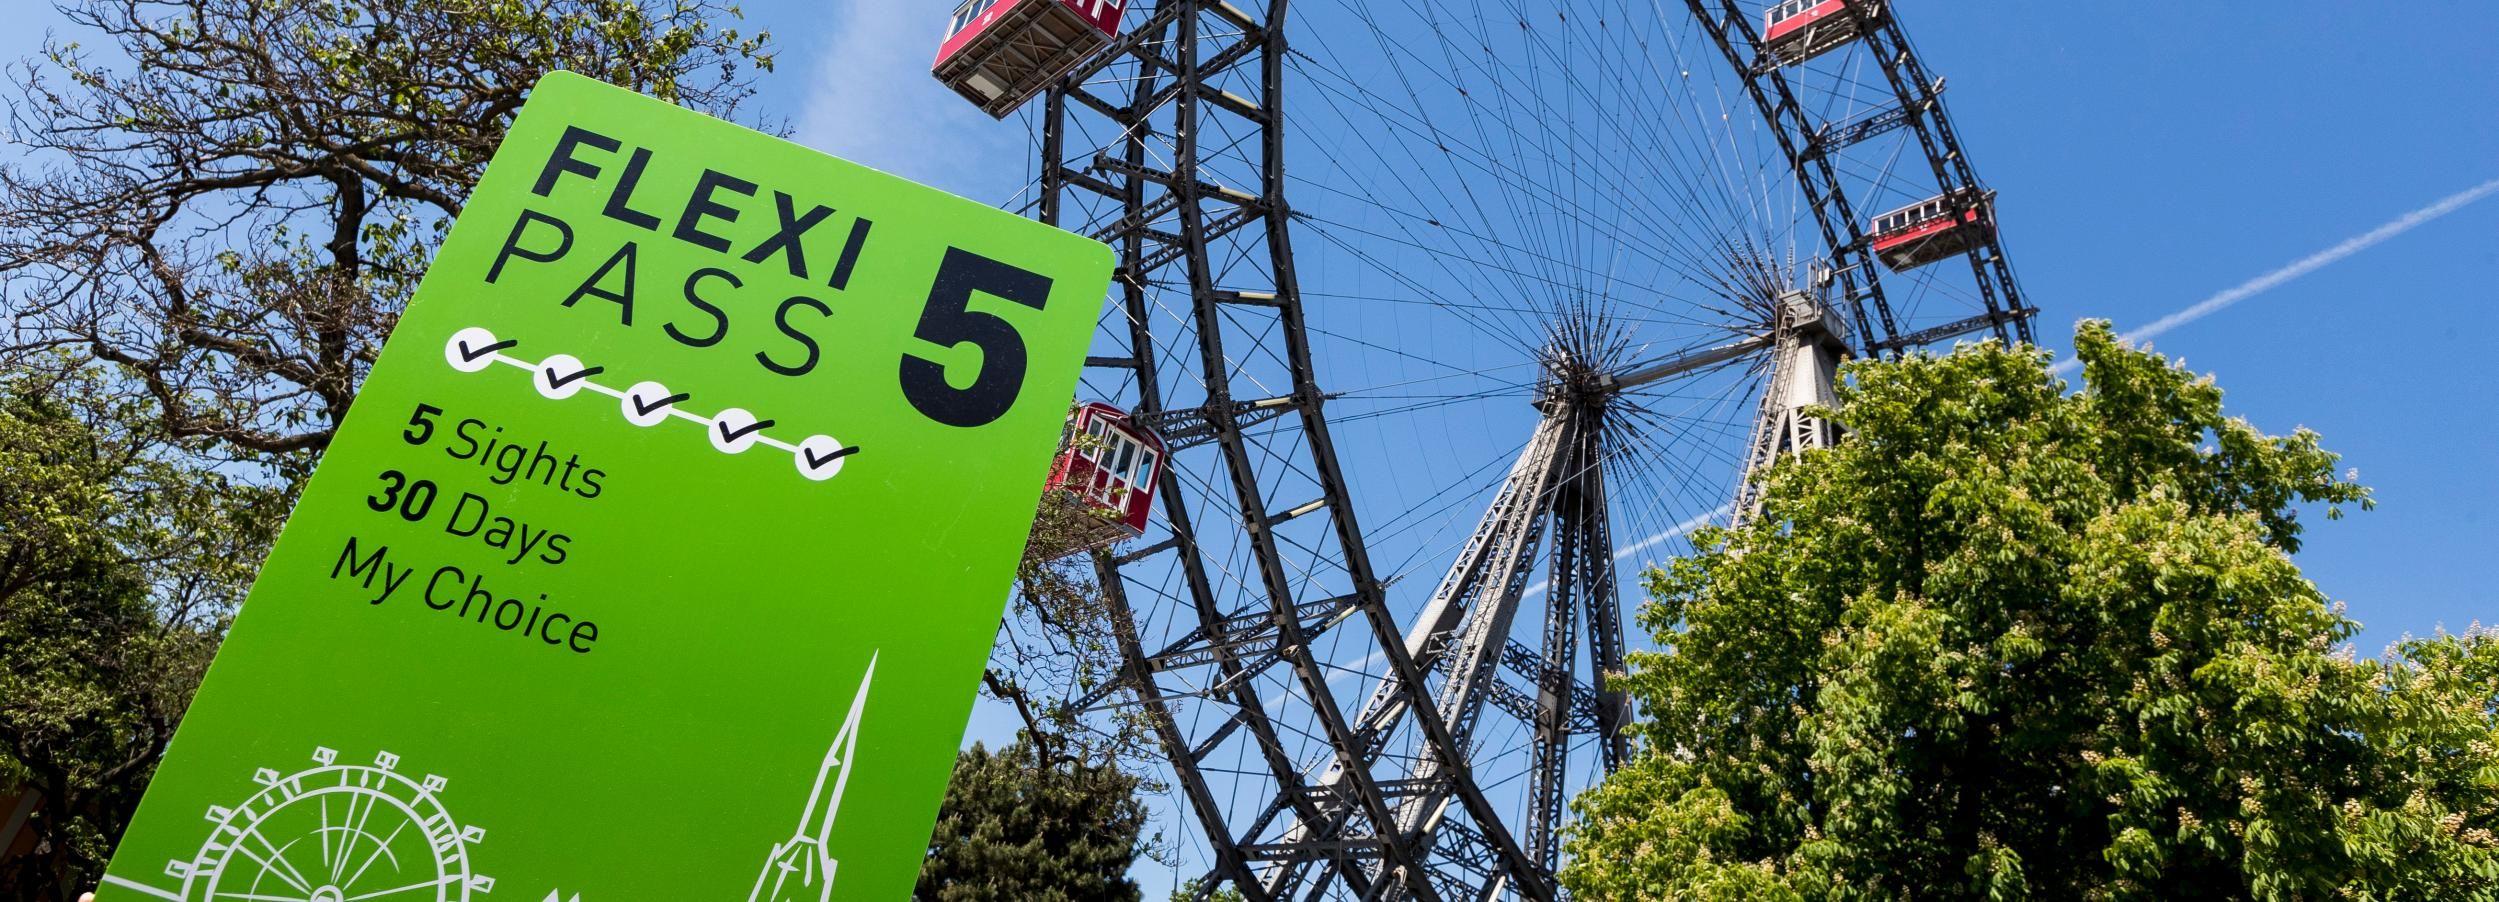 Vienna: Flexipass per 3, 4 o 5 attrazioni da non perdere